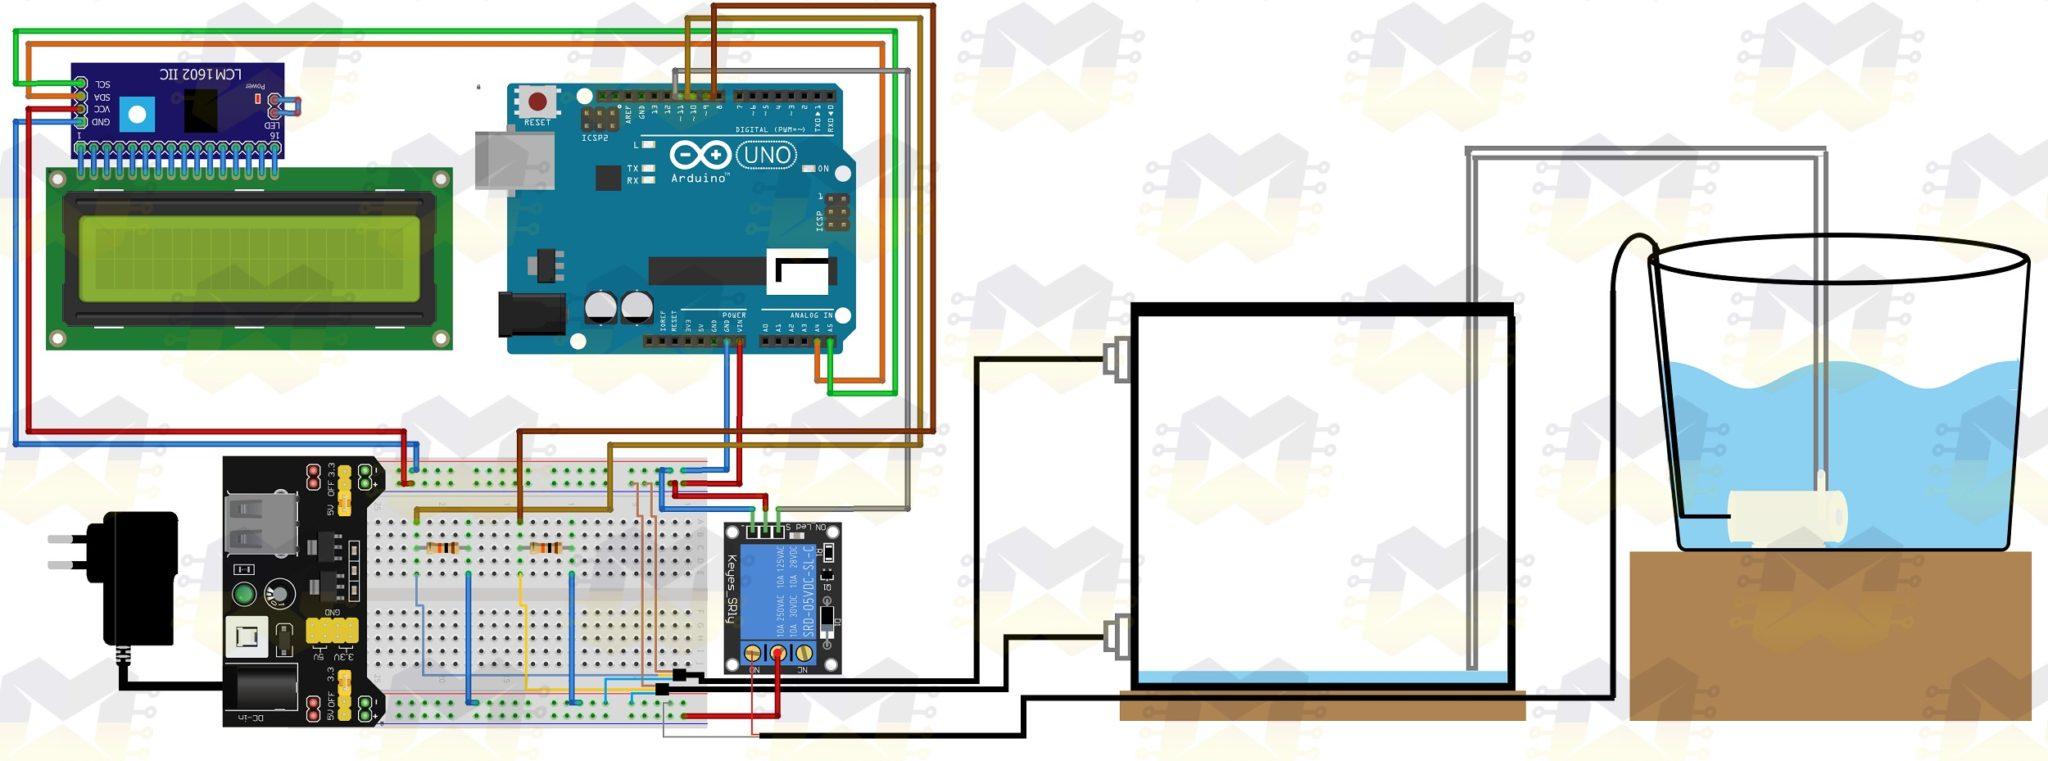 img04_arduino_detector_de_nivel_de_liquido_sem_contato_com_o_sensor_xkc-y25-pnp_agua_mode_esp8266_capacitivo